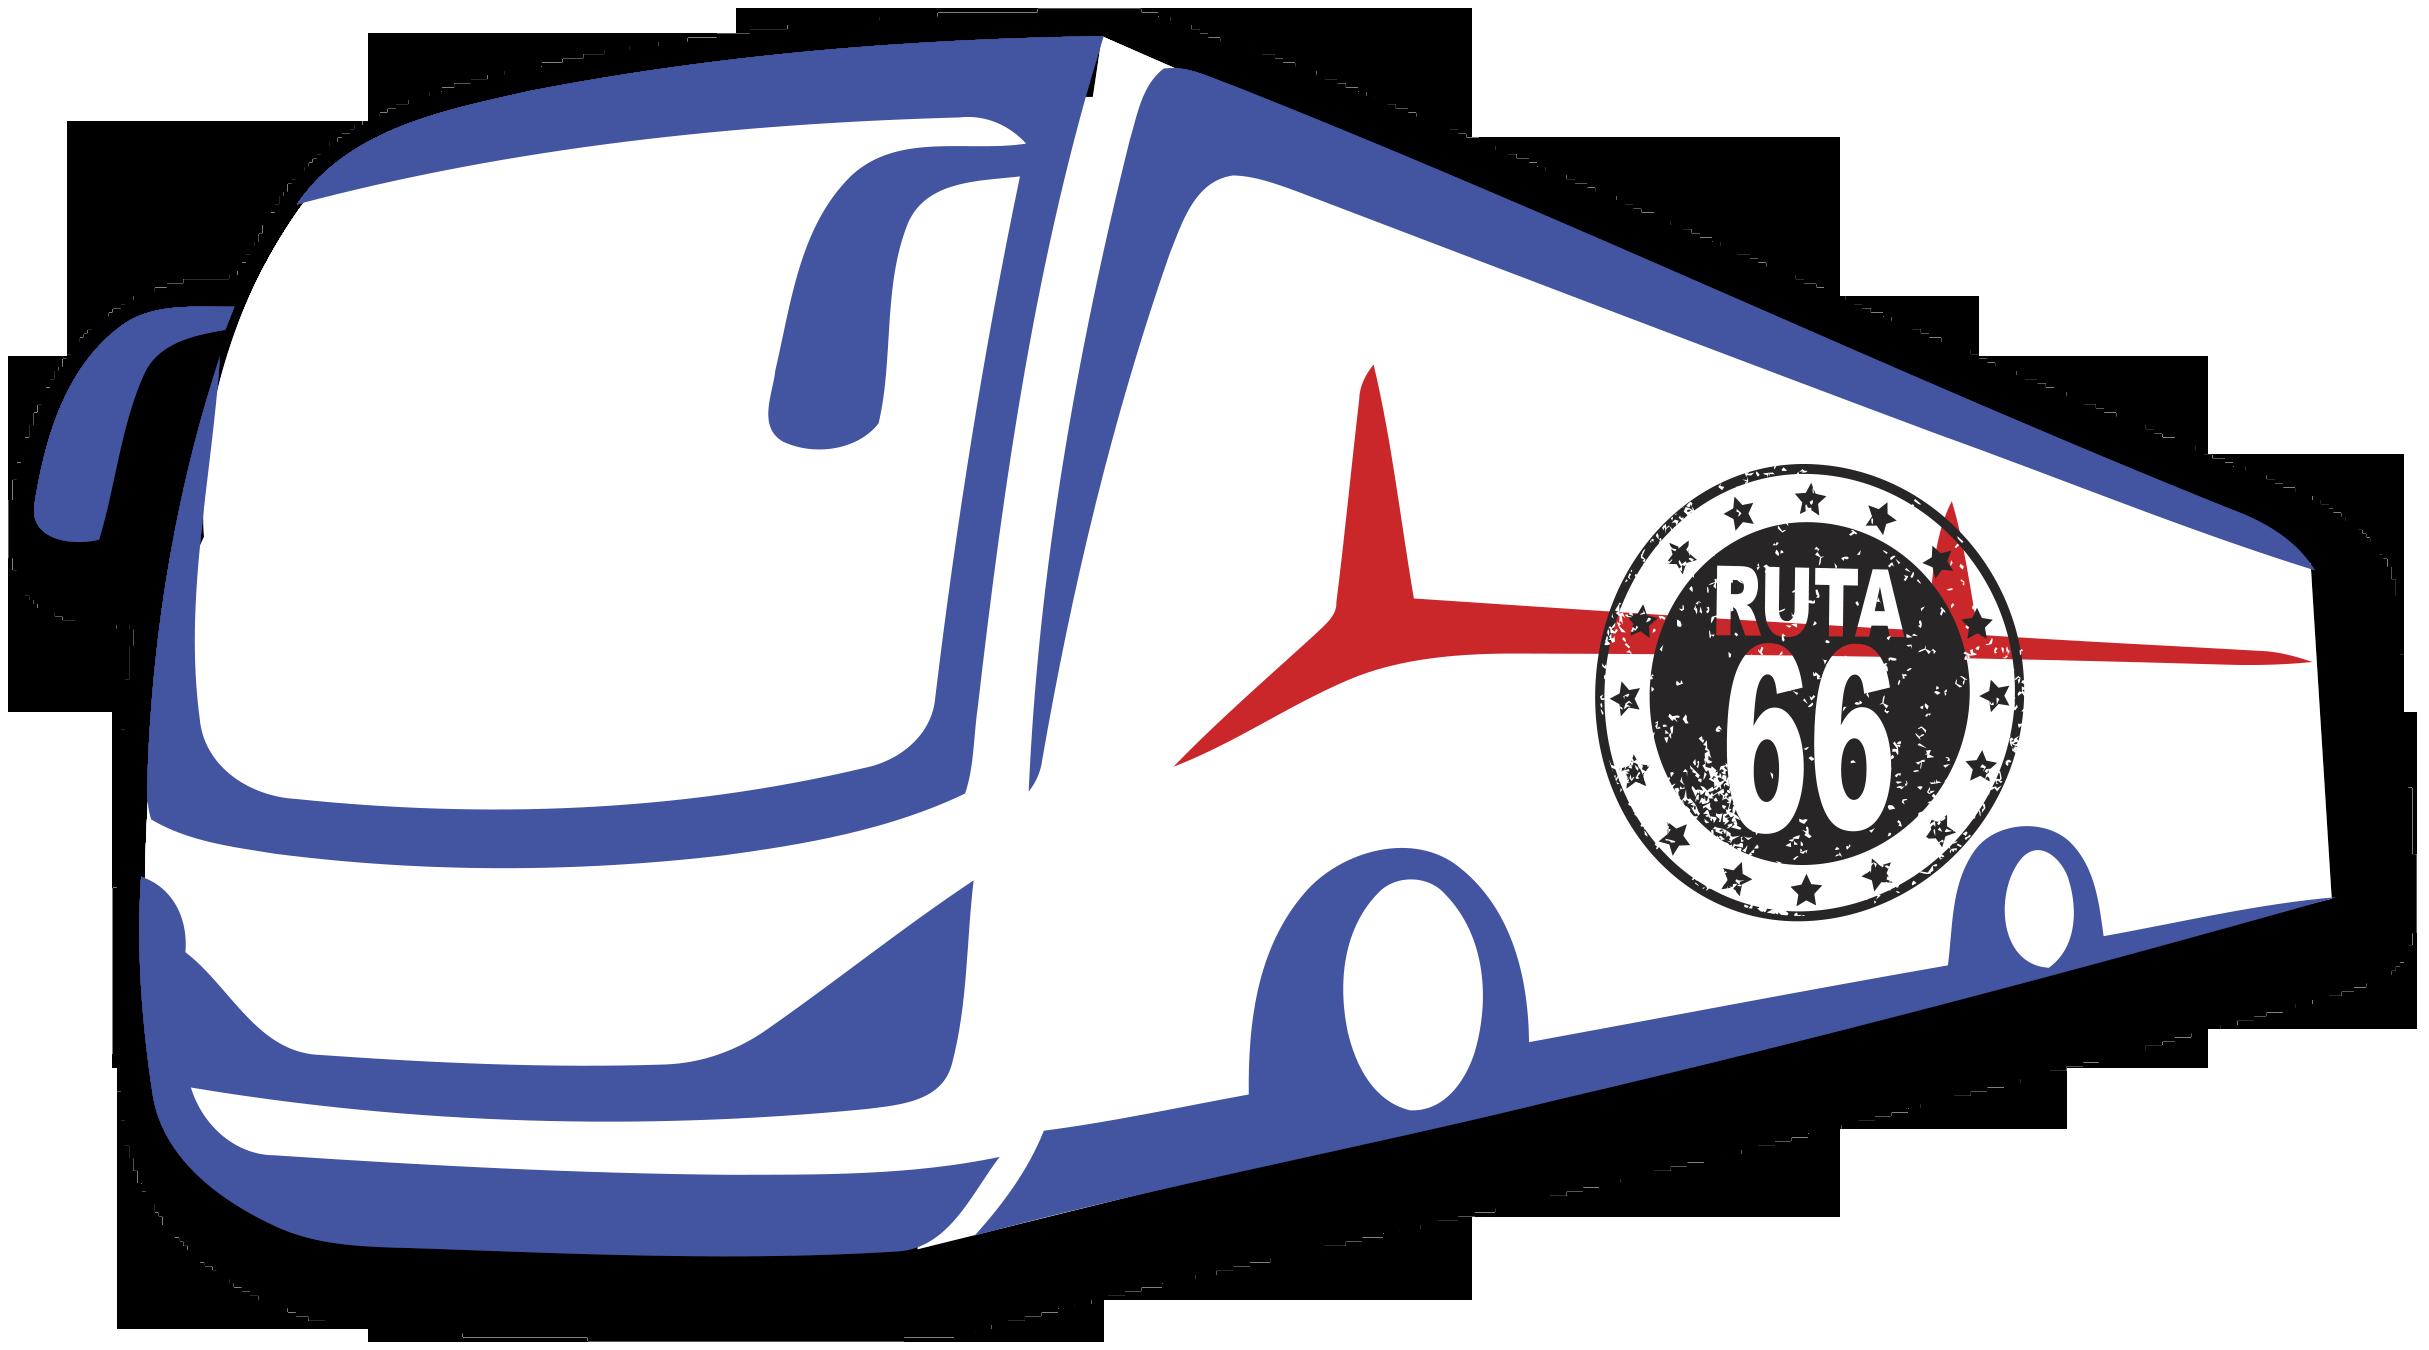 Transportes Ruta 66